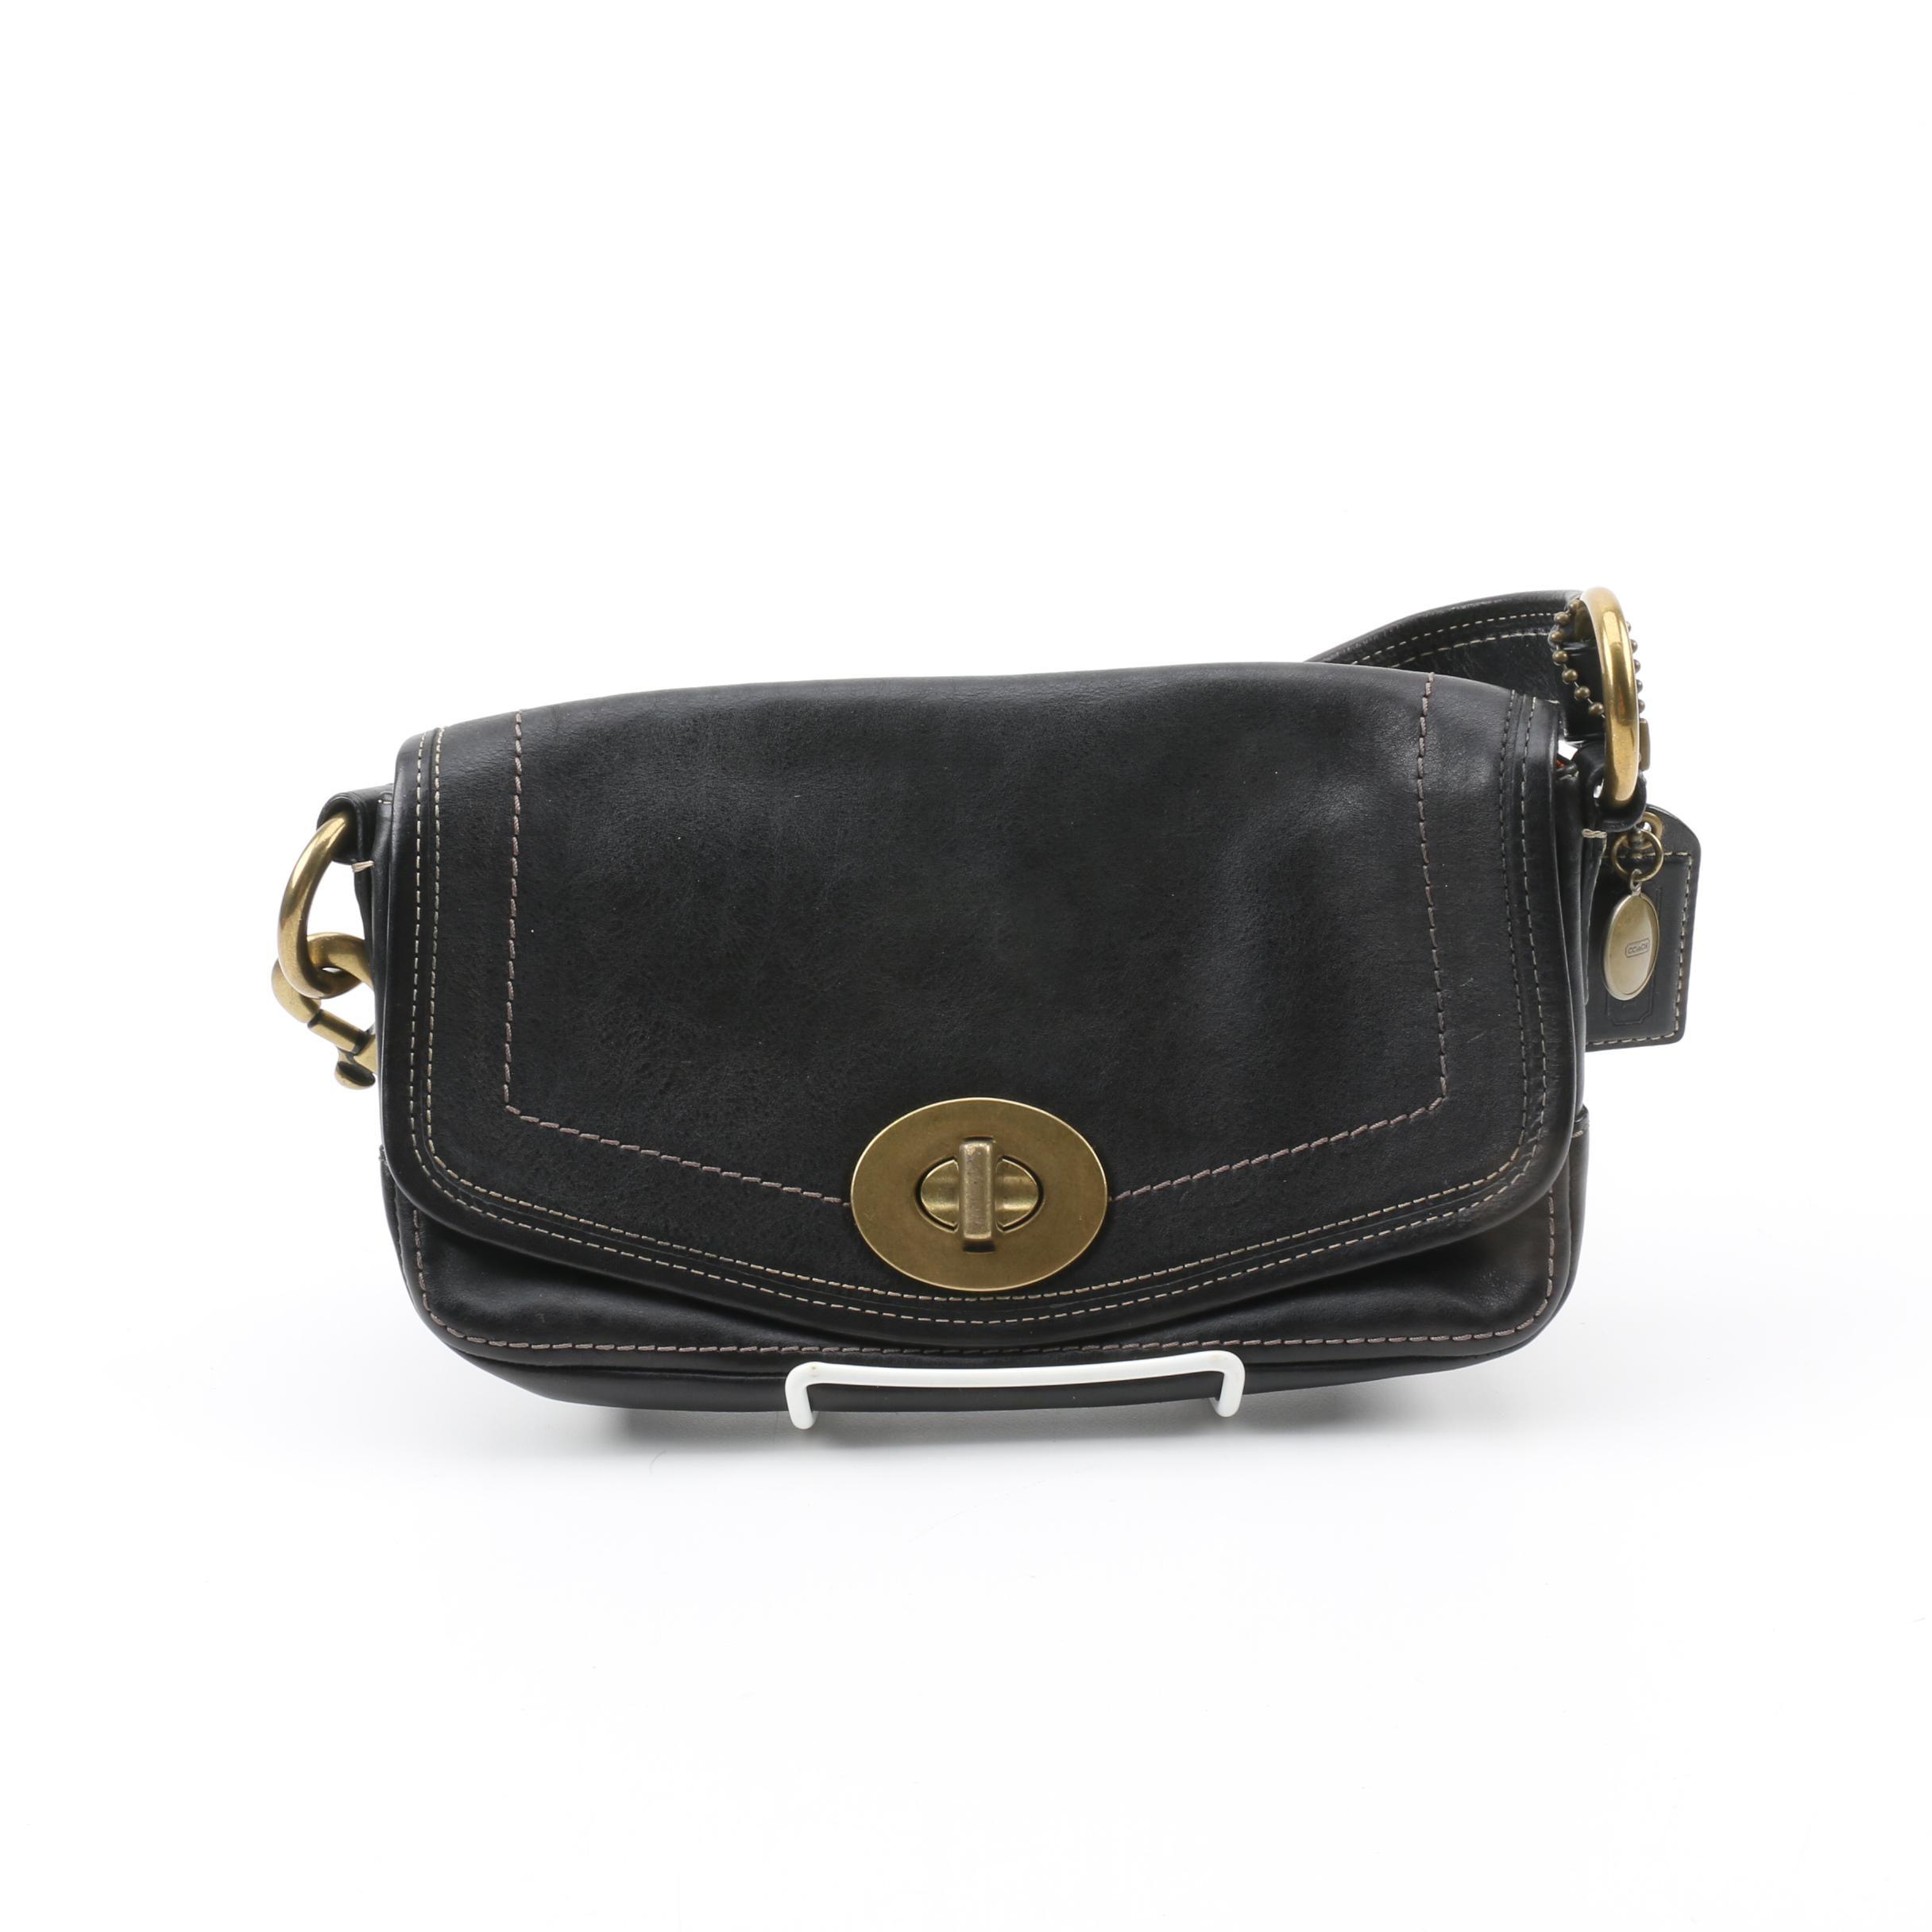 Coach Black Leather Legacy Baguette Handbag